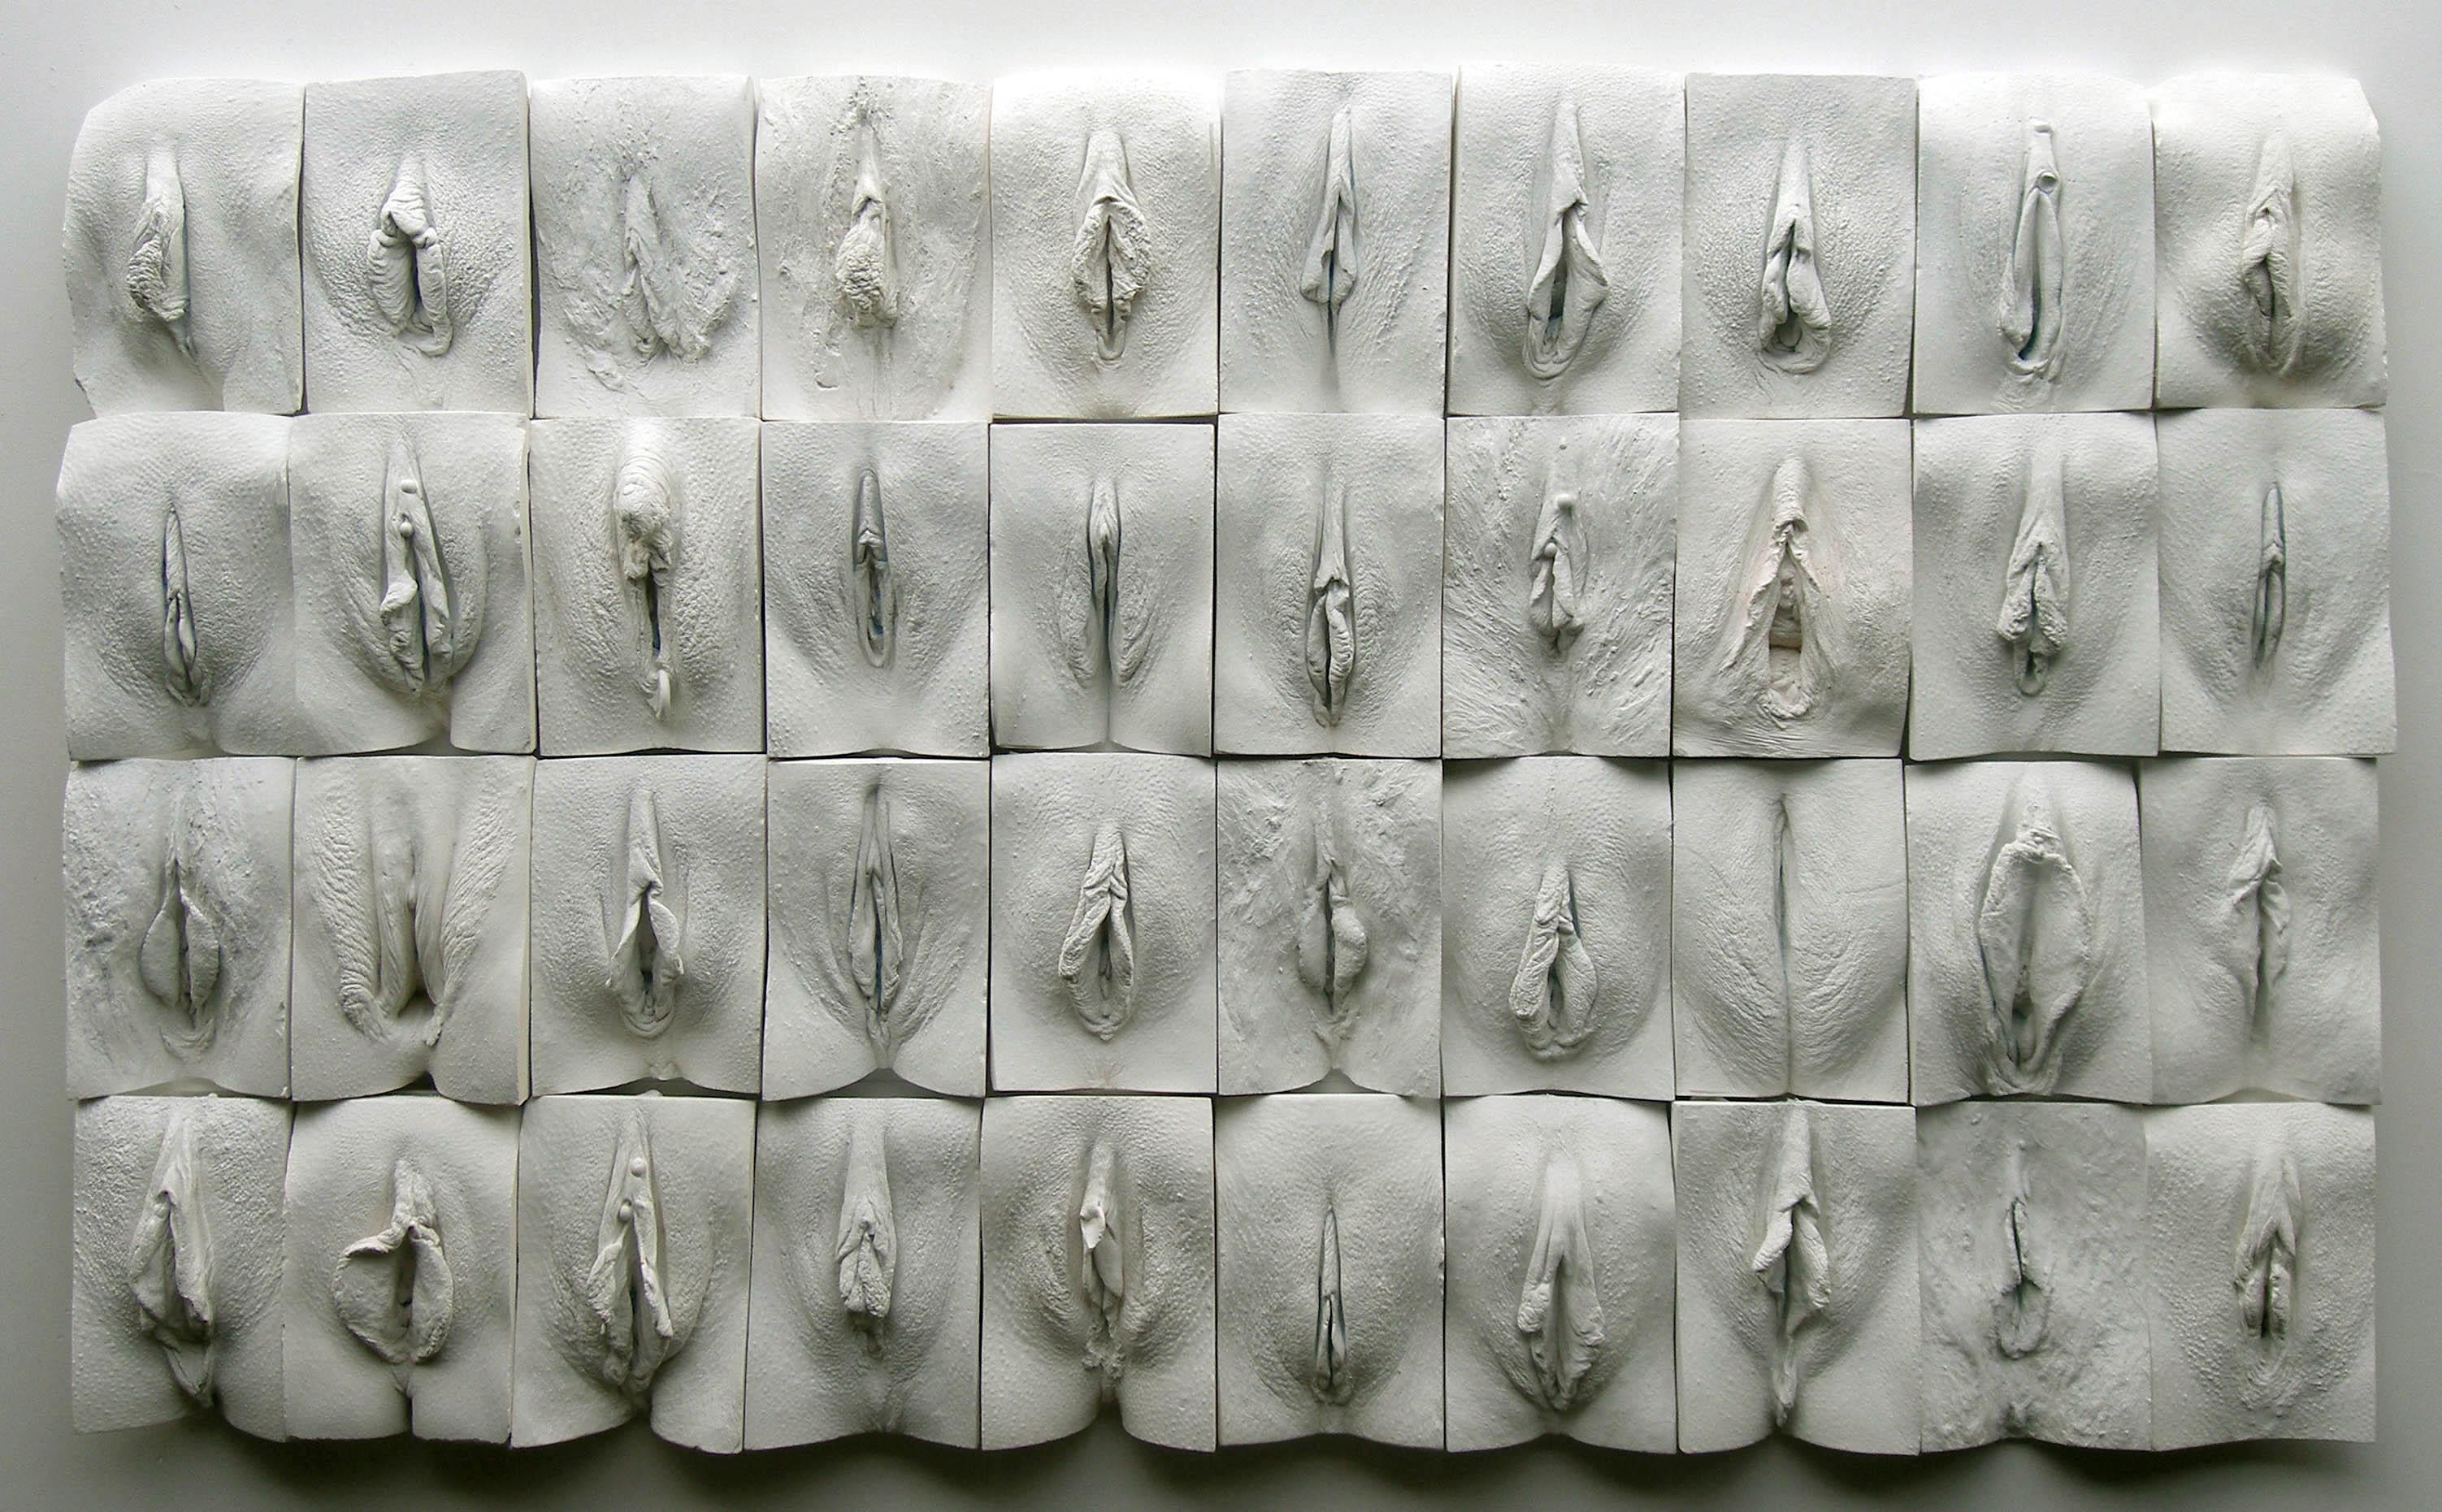 Типы вагин на фото 2 фотография